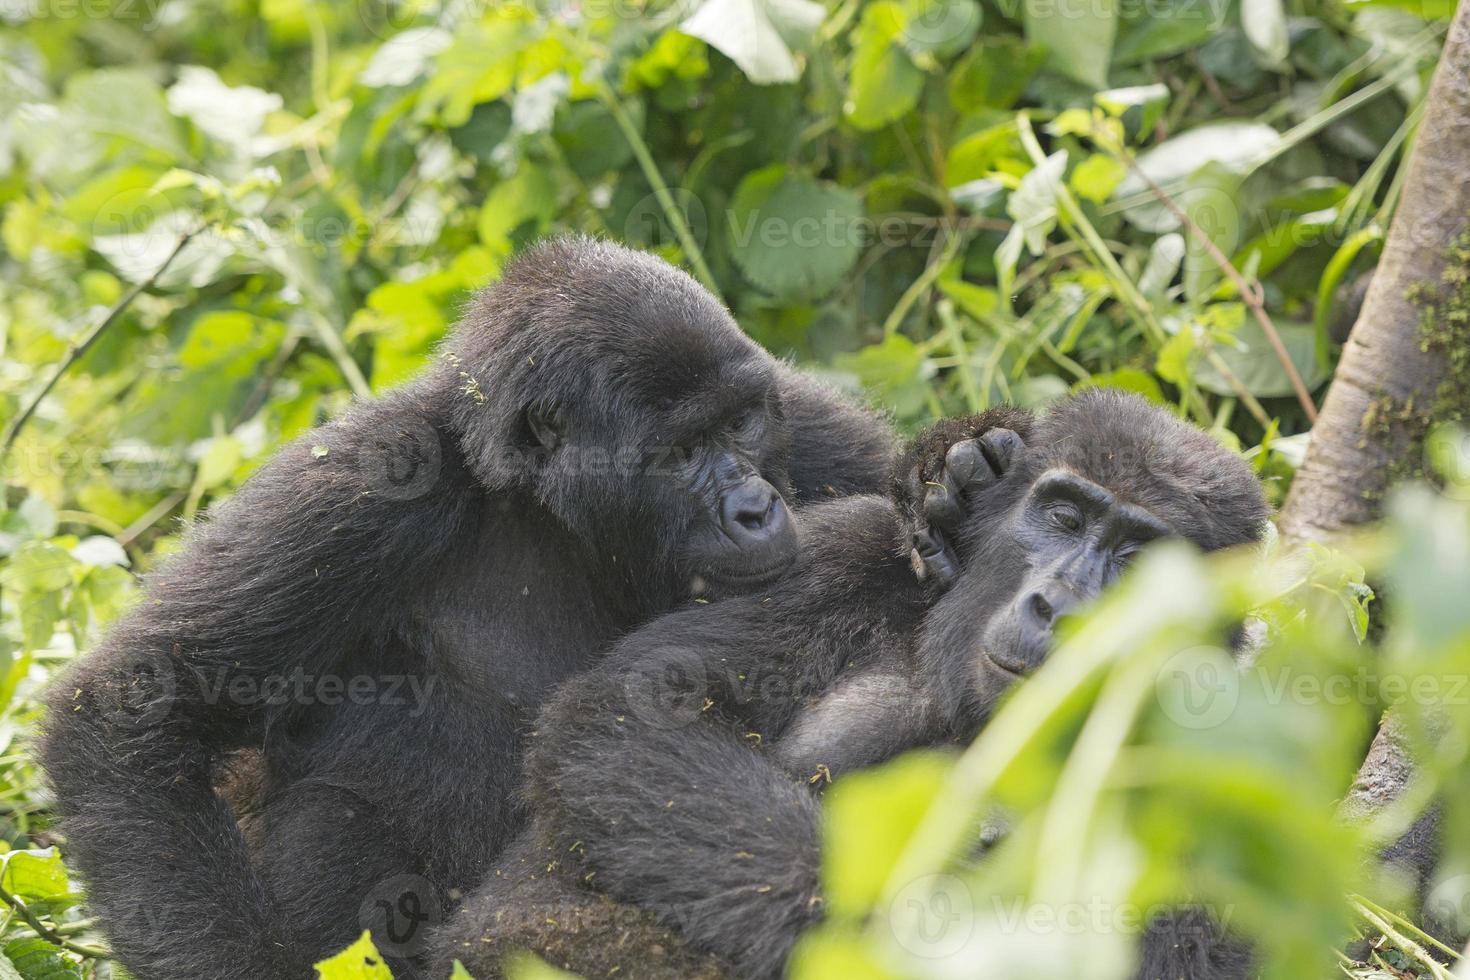 gorila de montaña acicalando a otro gorila foto